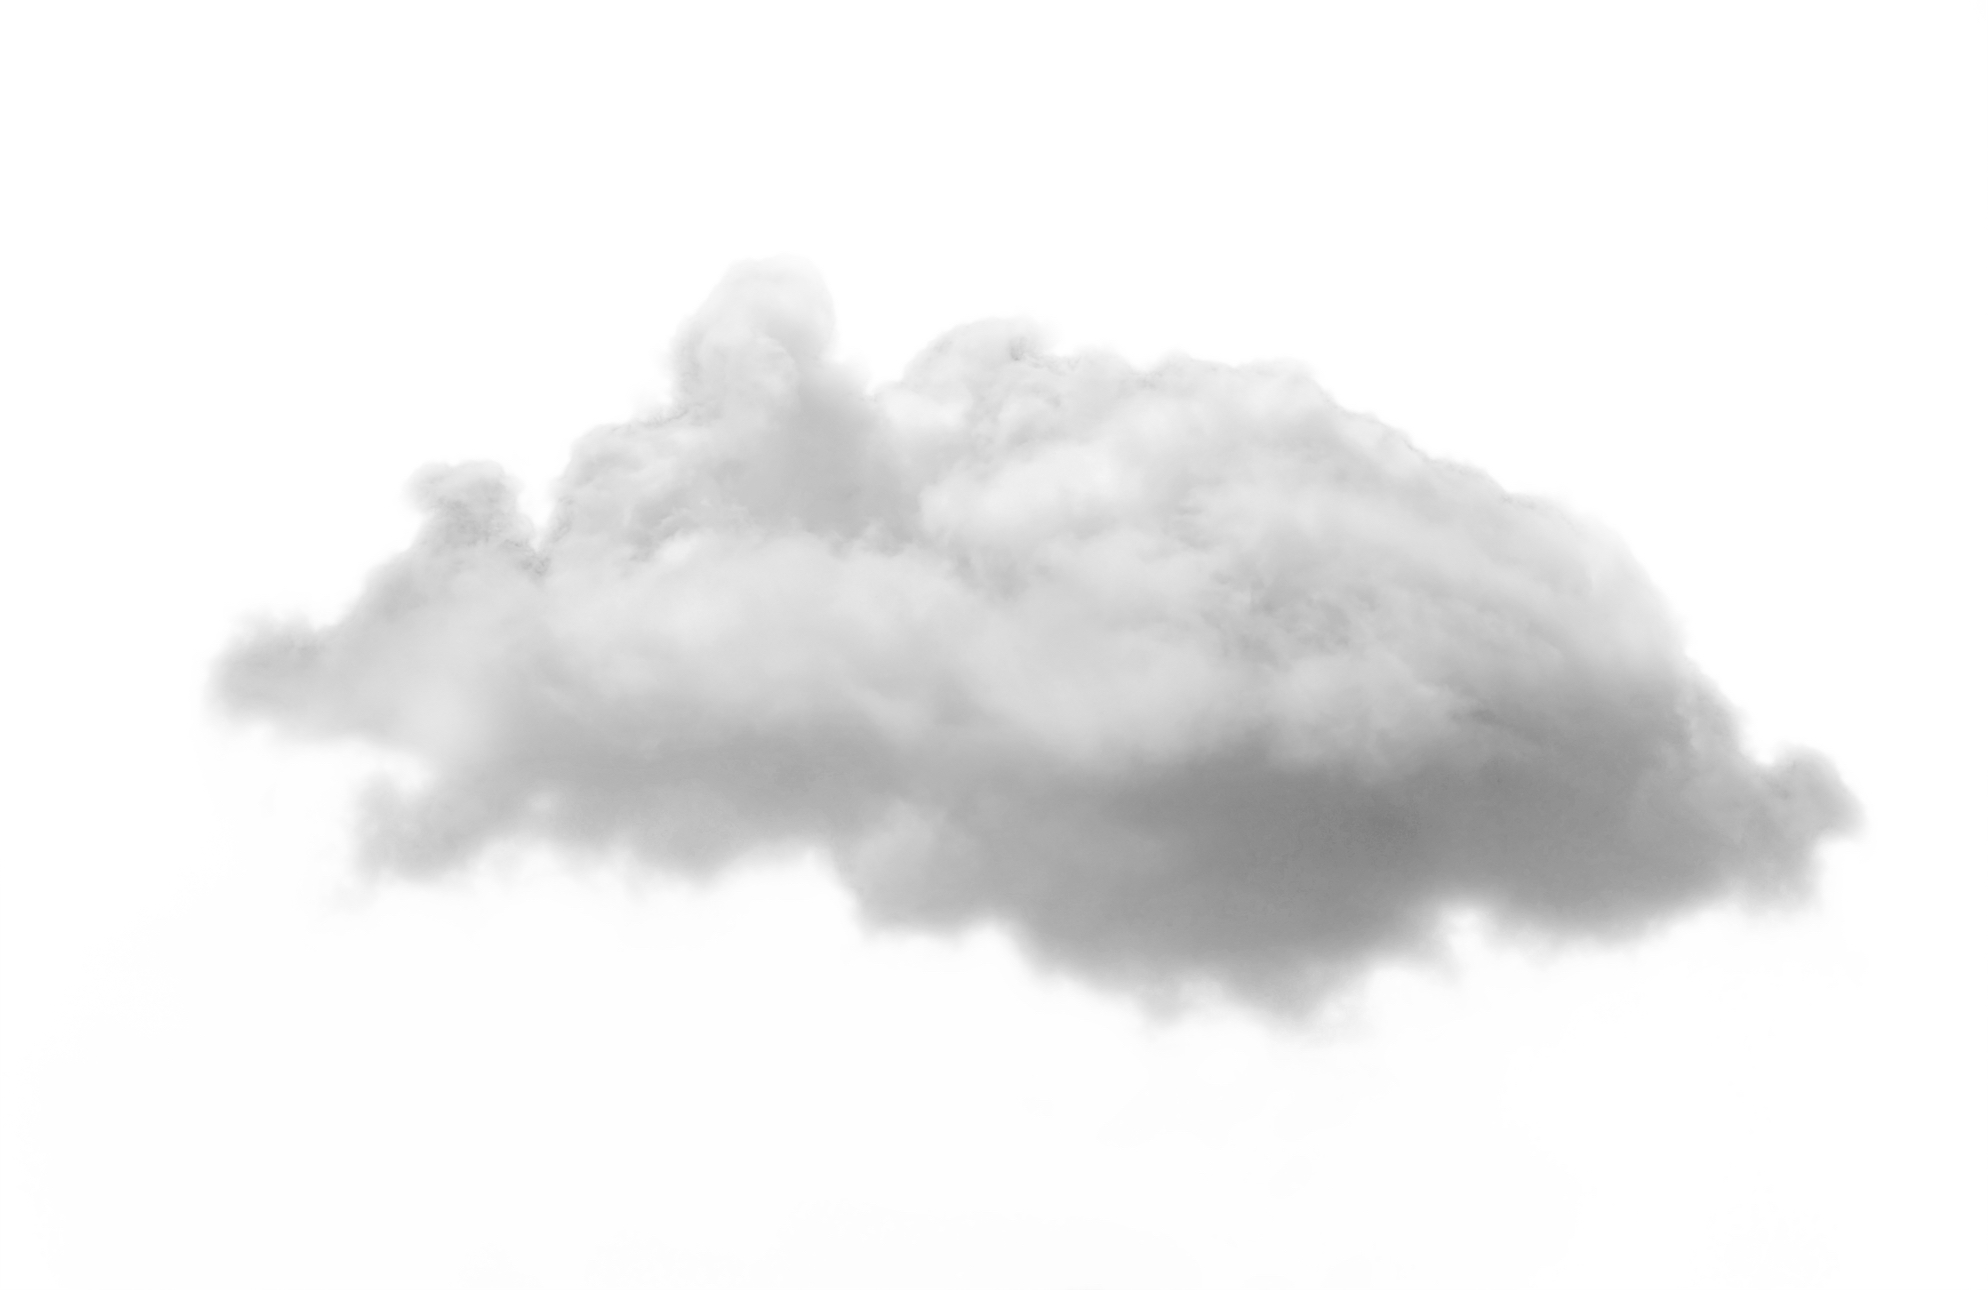 Gewitterwolken PNG - 67375